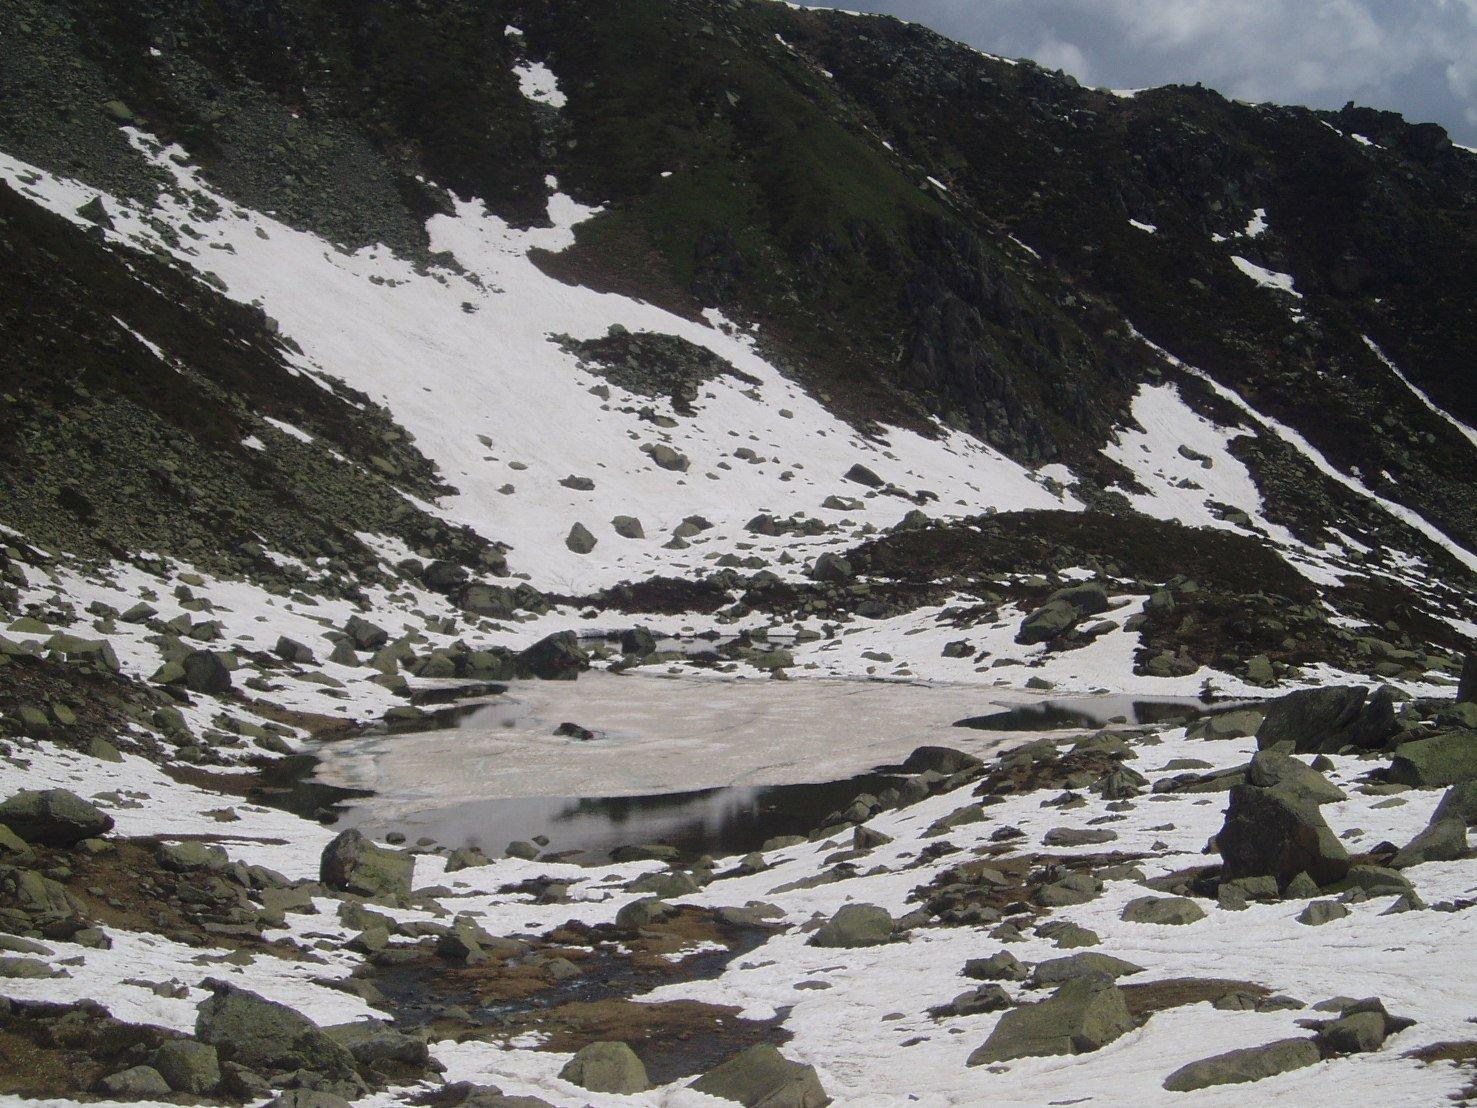 Lago inferiore ancora parzialmentwe ghiacciato.